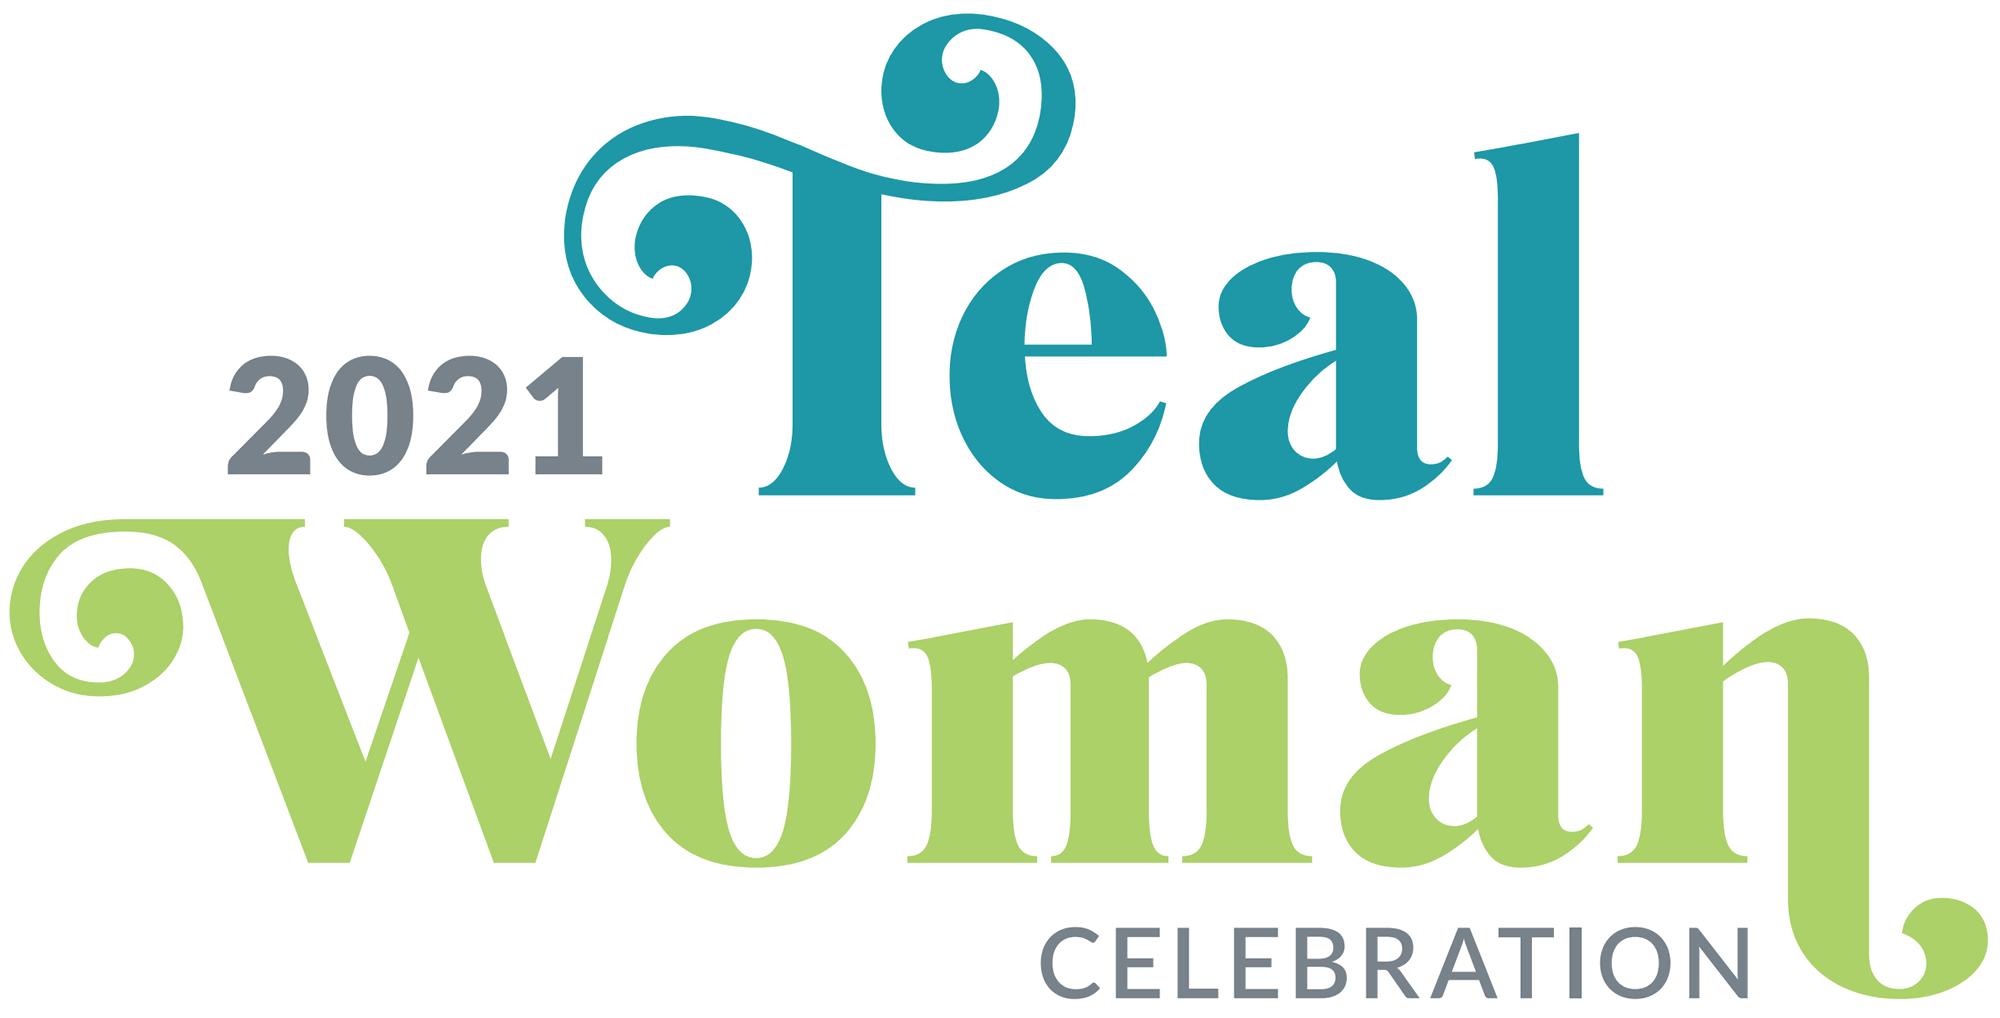 2021 Teal Woman Celebration